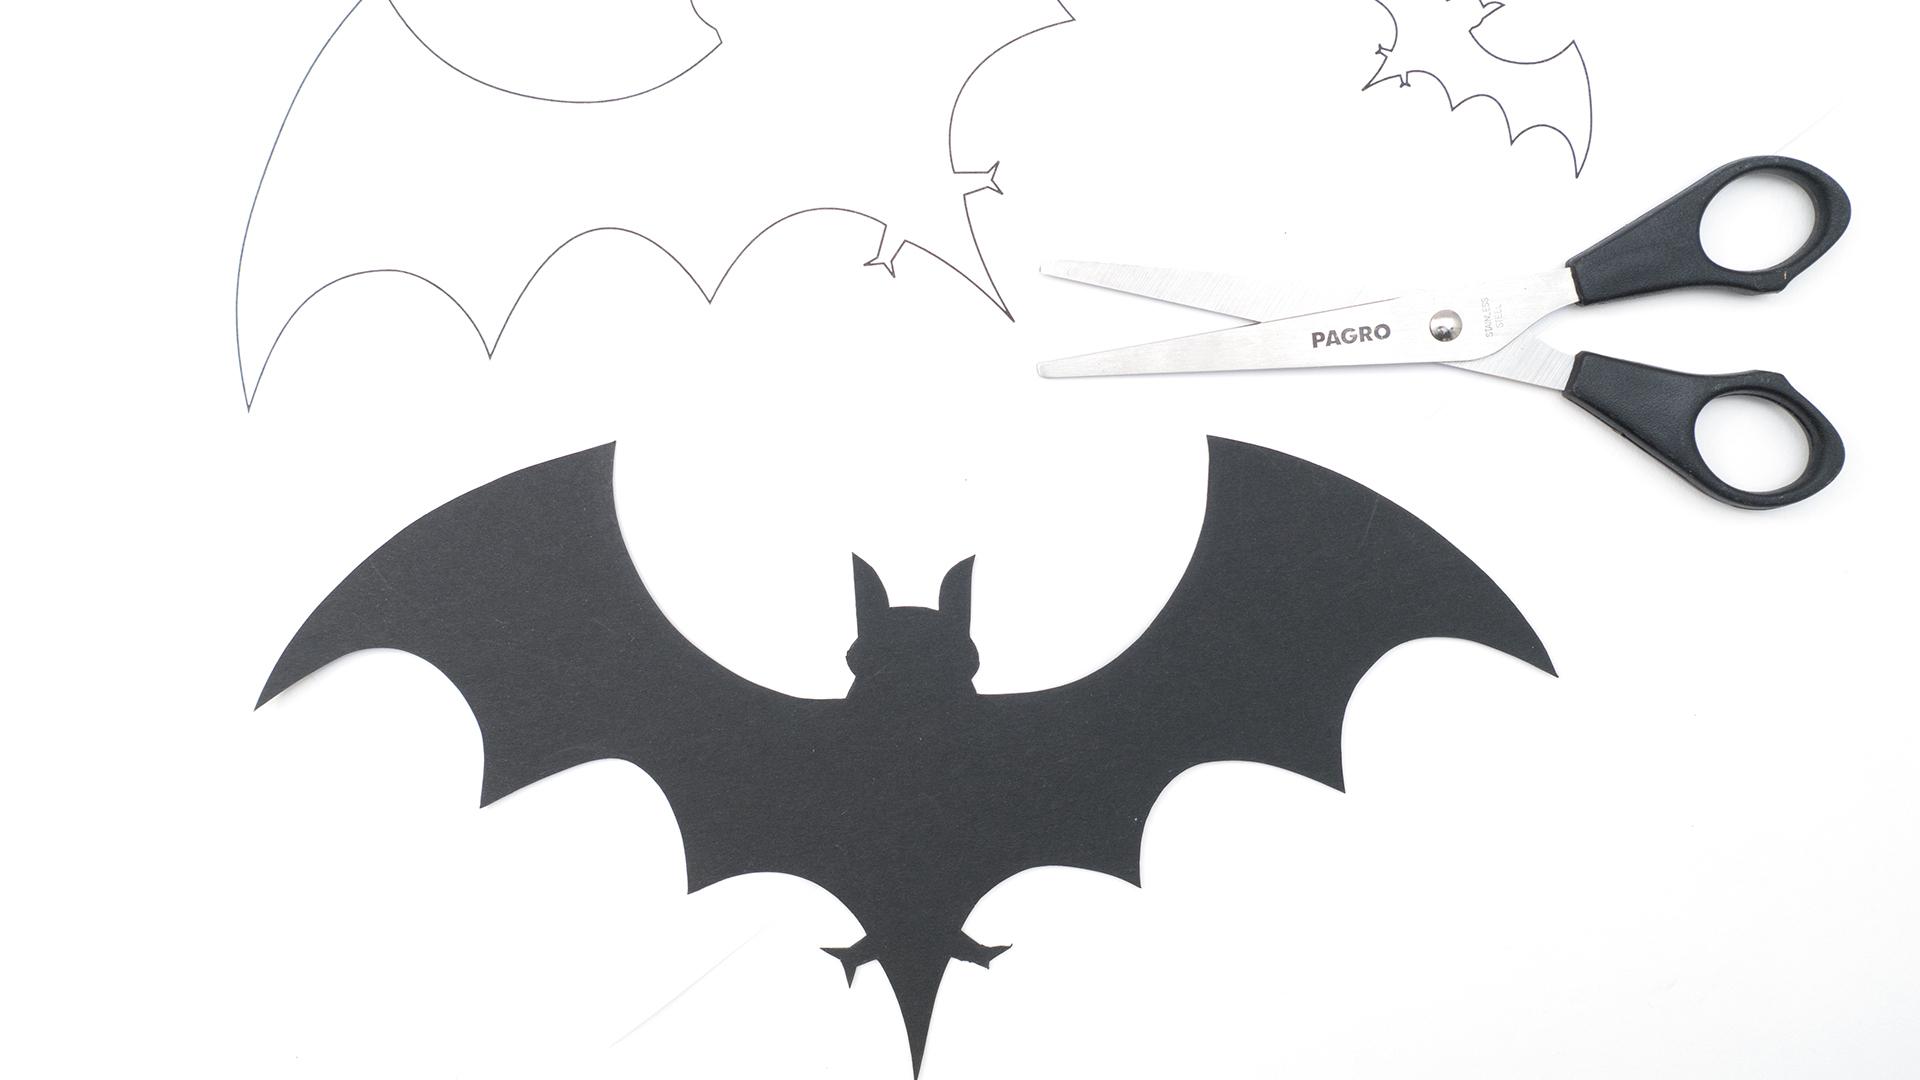 Gruseliger Bastelspaß - Alles Schule ganzes Fledermaus Schablonen Zum Ausdrucken